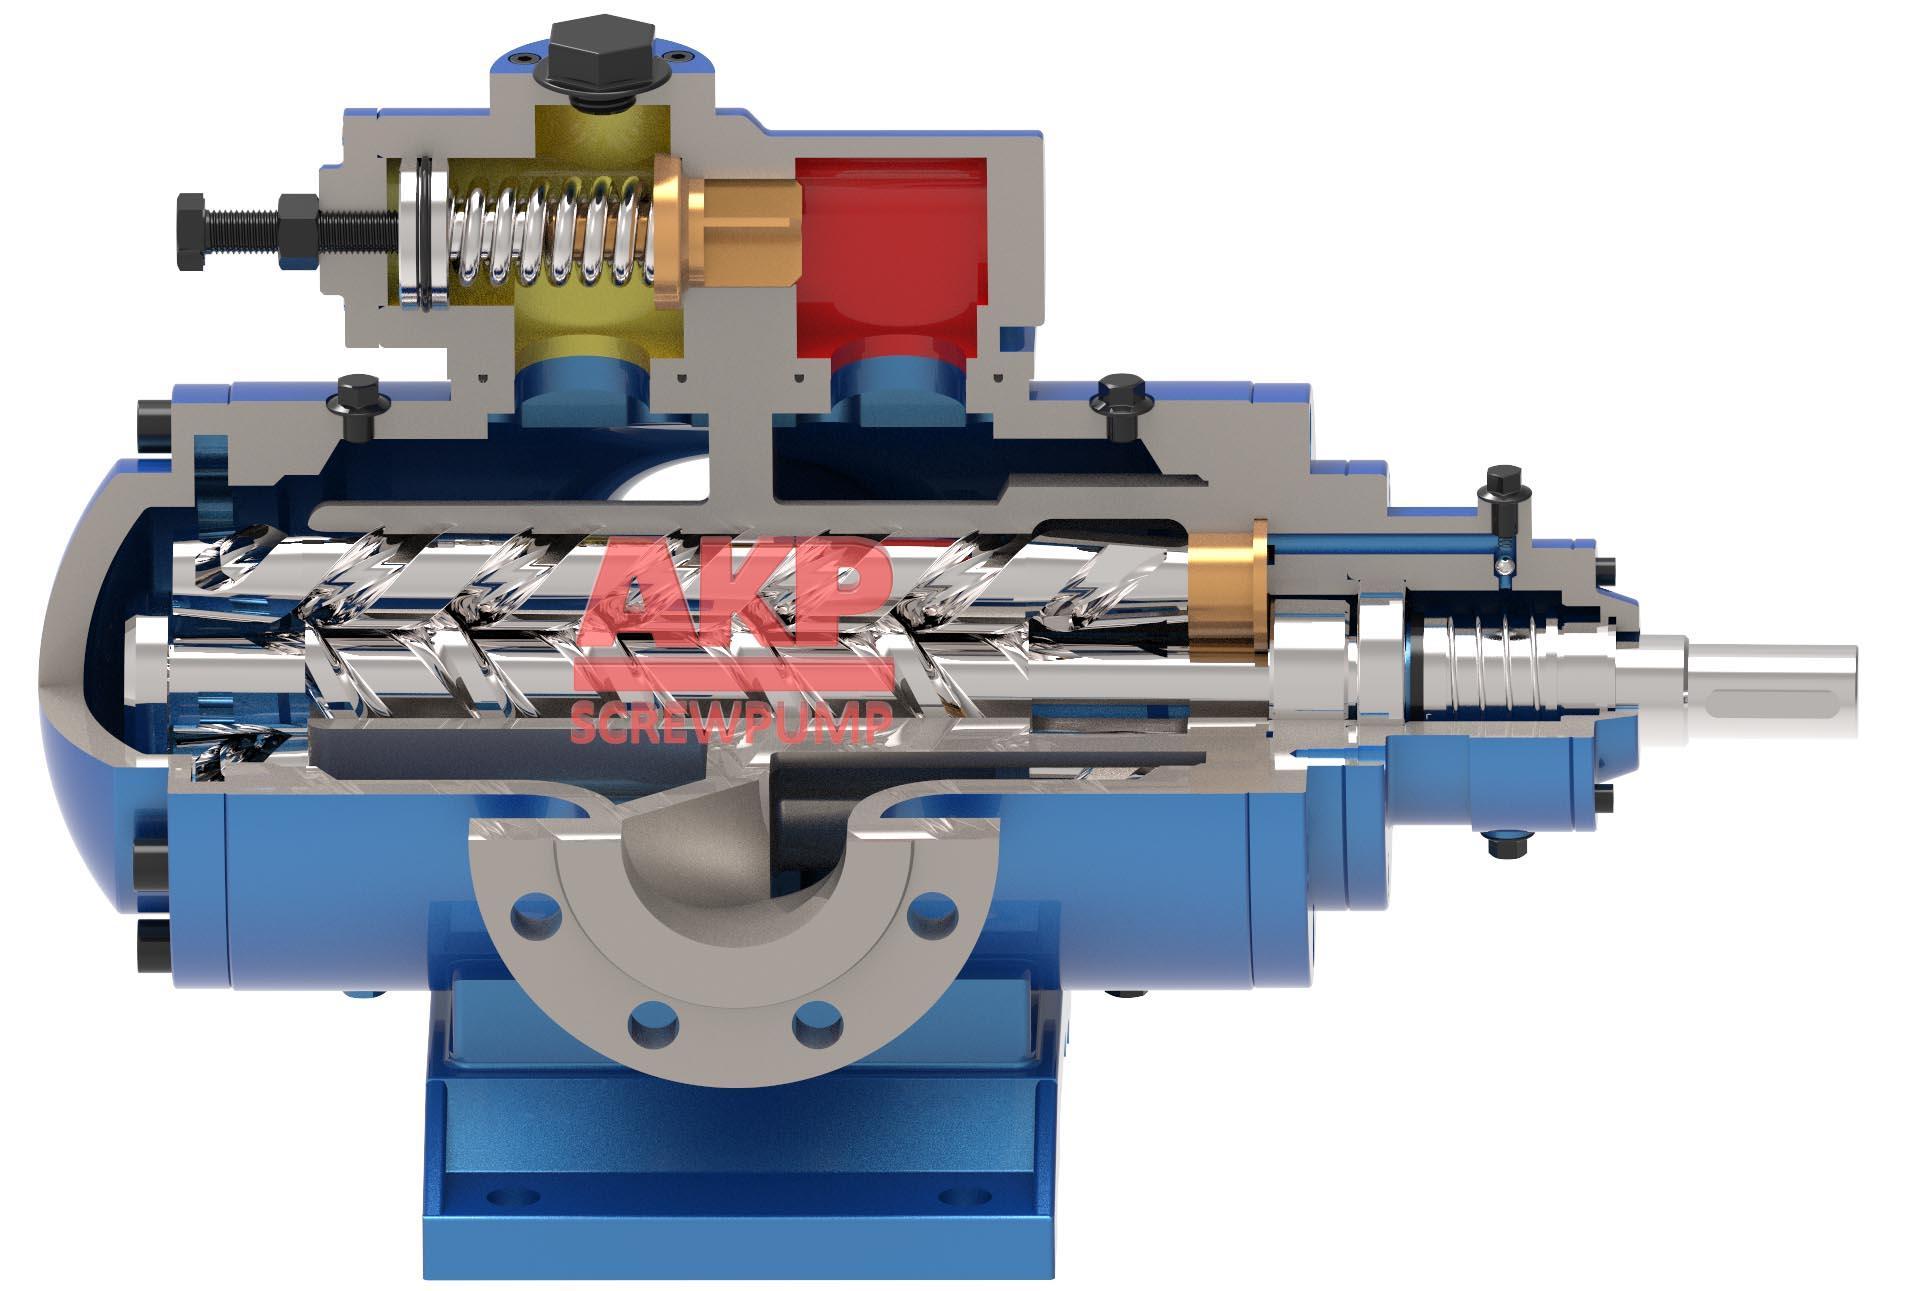 钢热连轧机润滑油泵SNH440R46U12.1W21 1